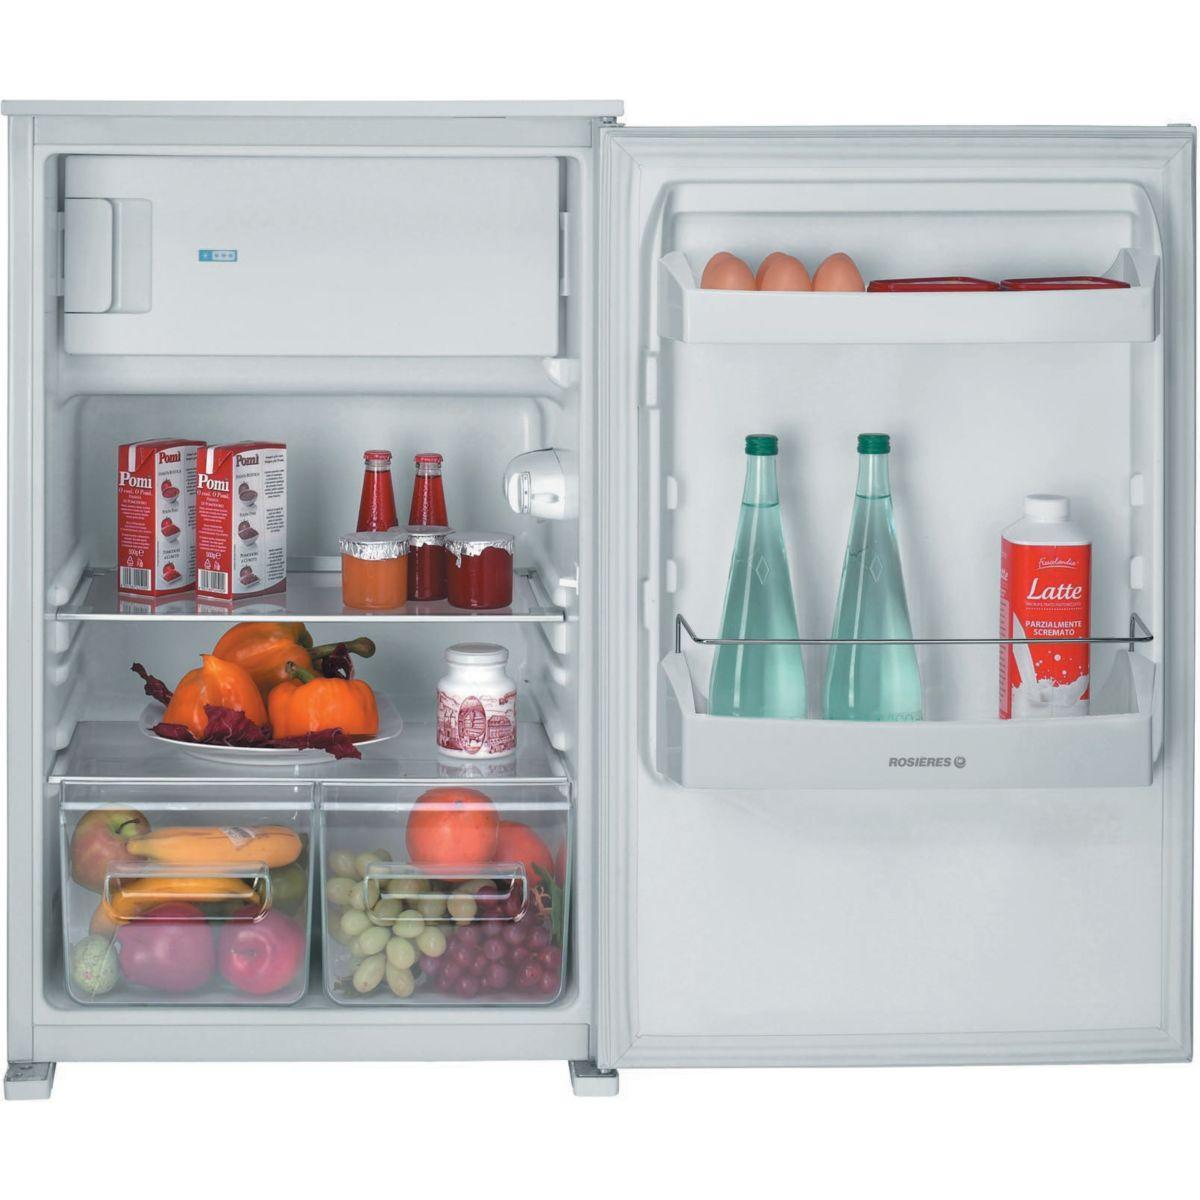 Réfrigérateur top encastrable ROSIERES RBOP174